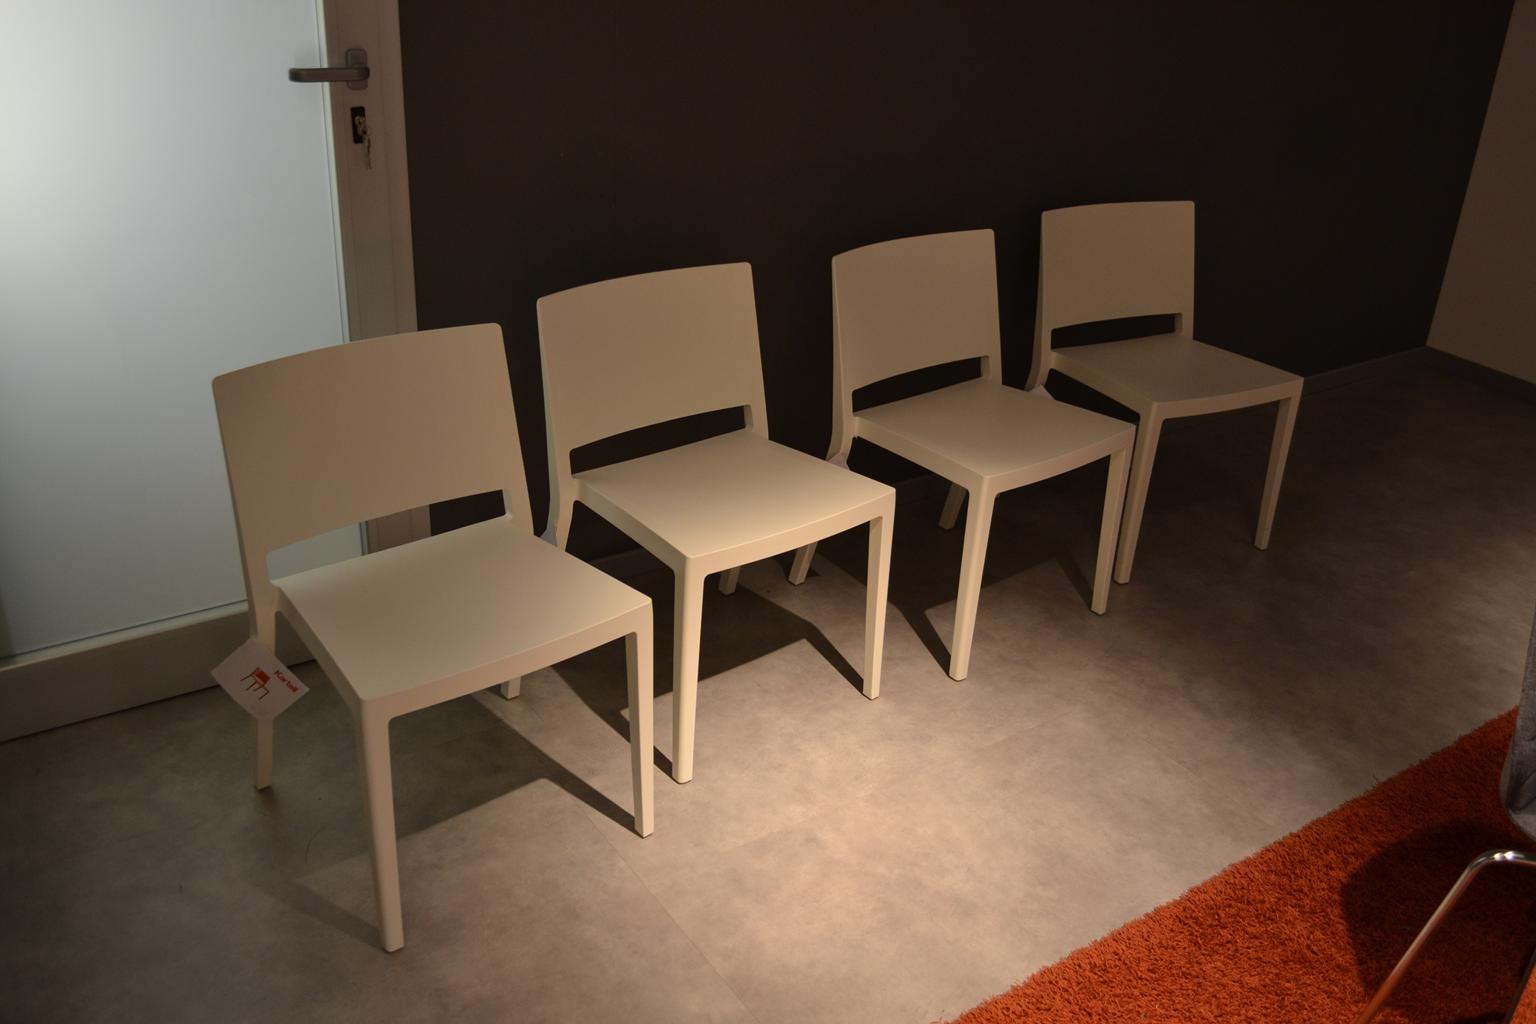 Best sedie kartell usate ideas for Sedie design usate